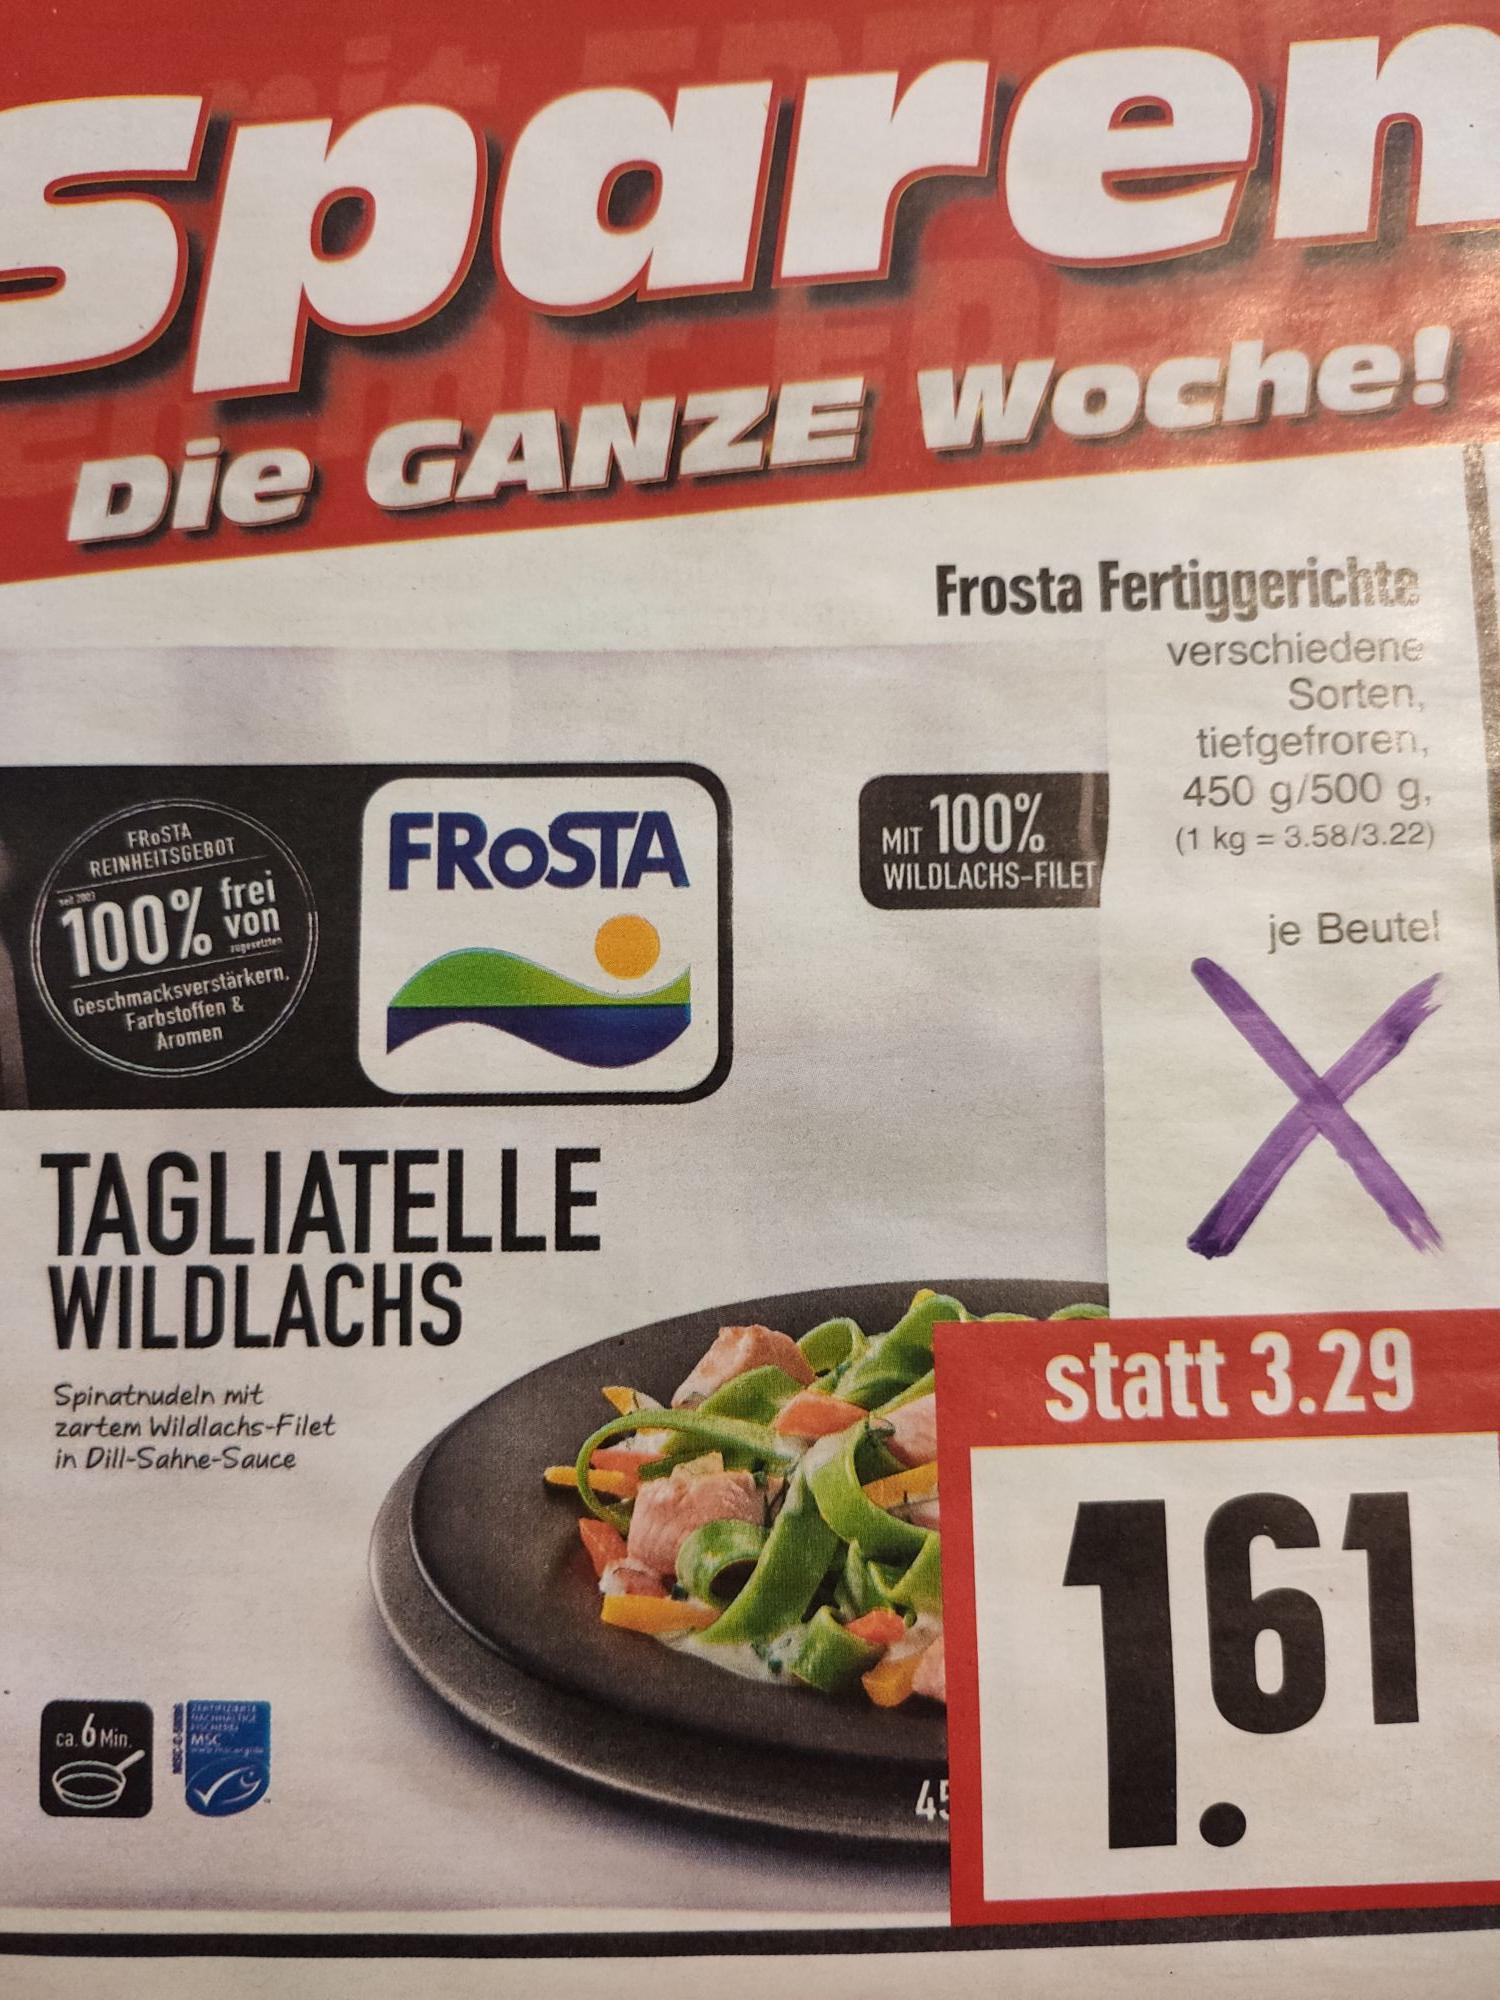 Frosta Fertiggerichte in versch. Sorten 450g-500g für 1,61€ [EDEKA Hessenring]